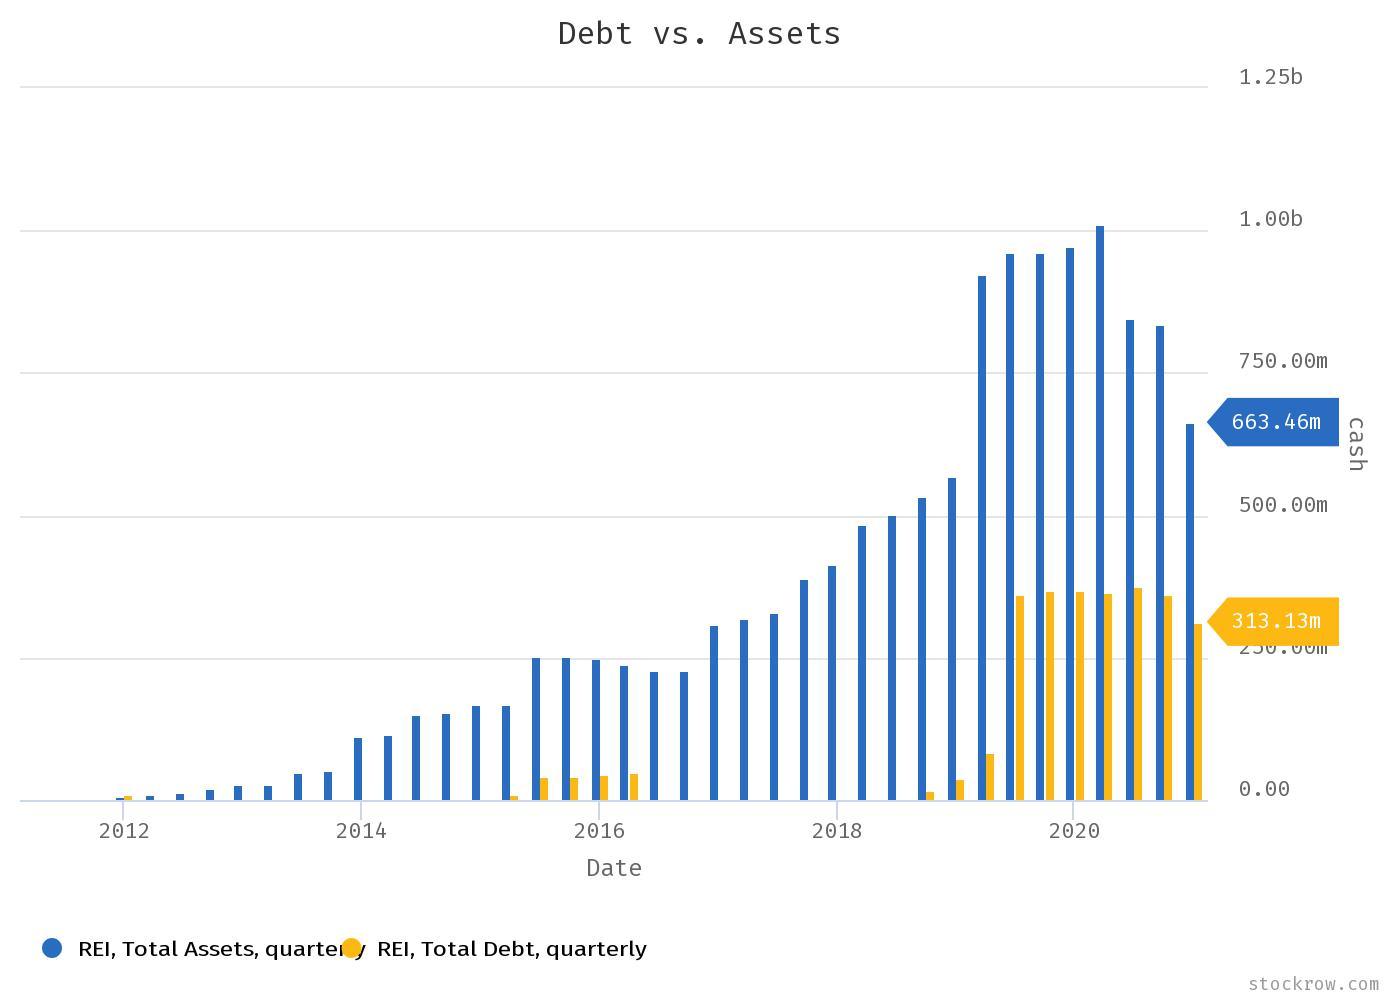 Ring Energy Stock Debt vs Assets